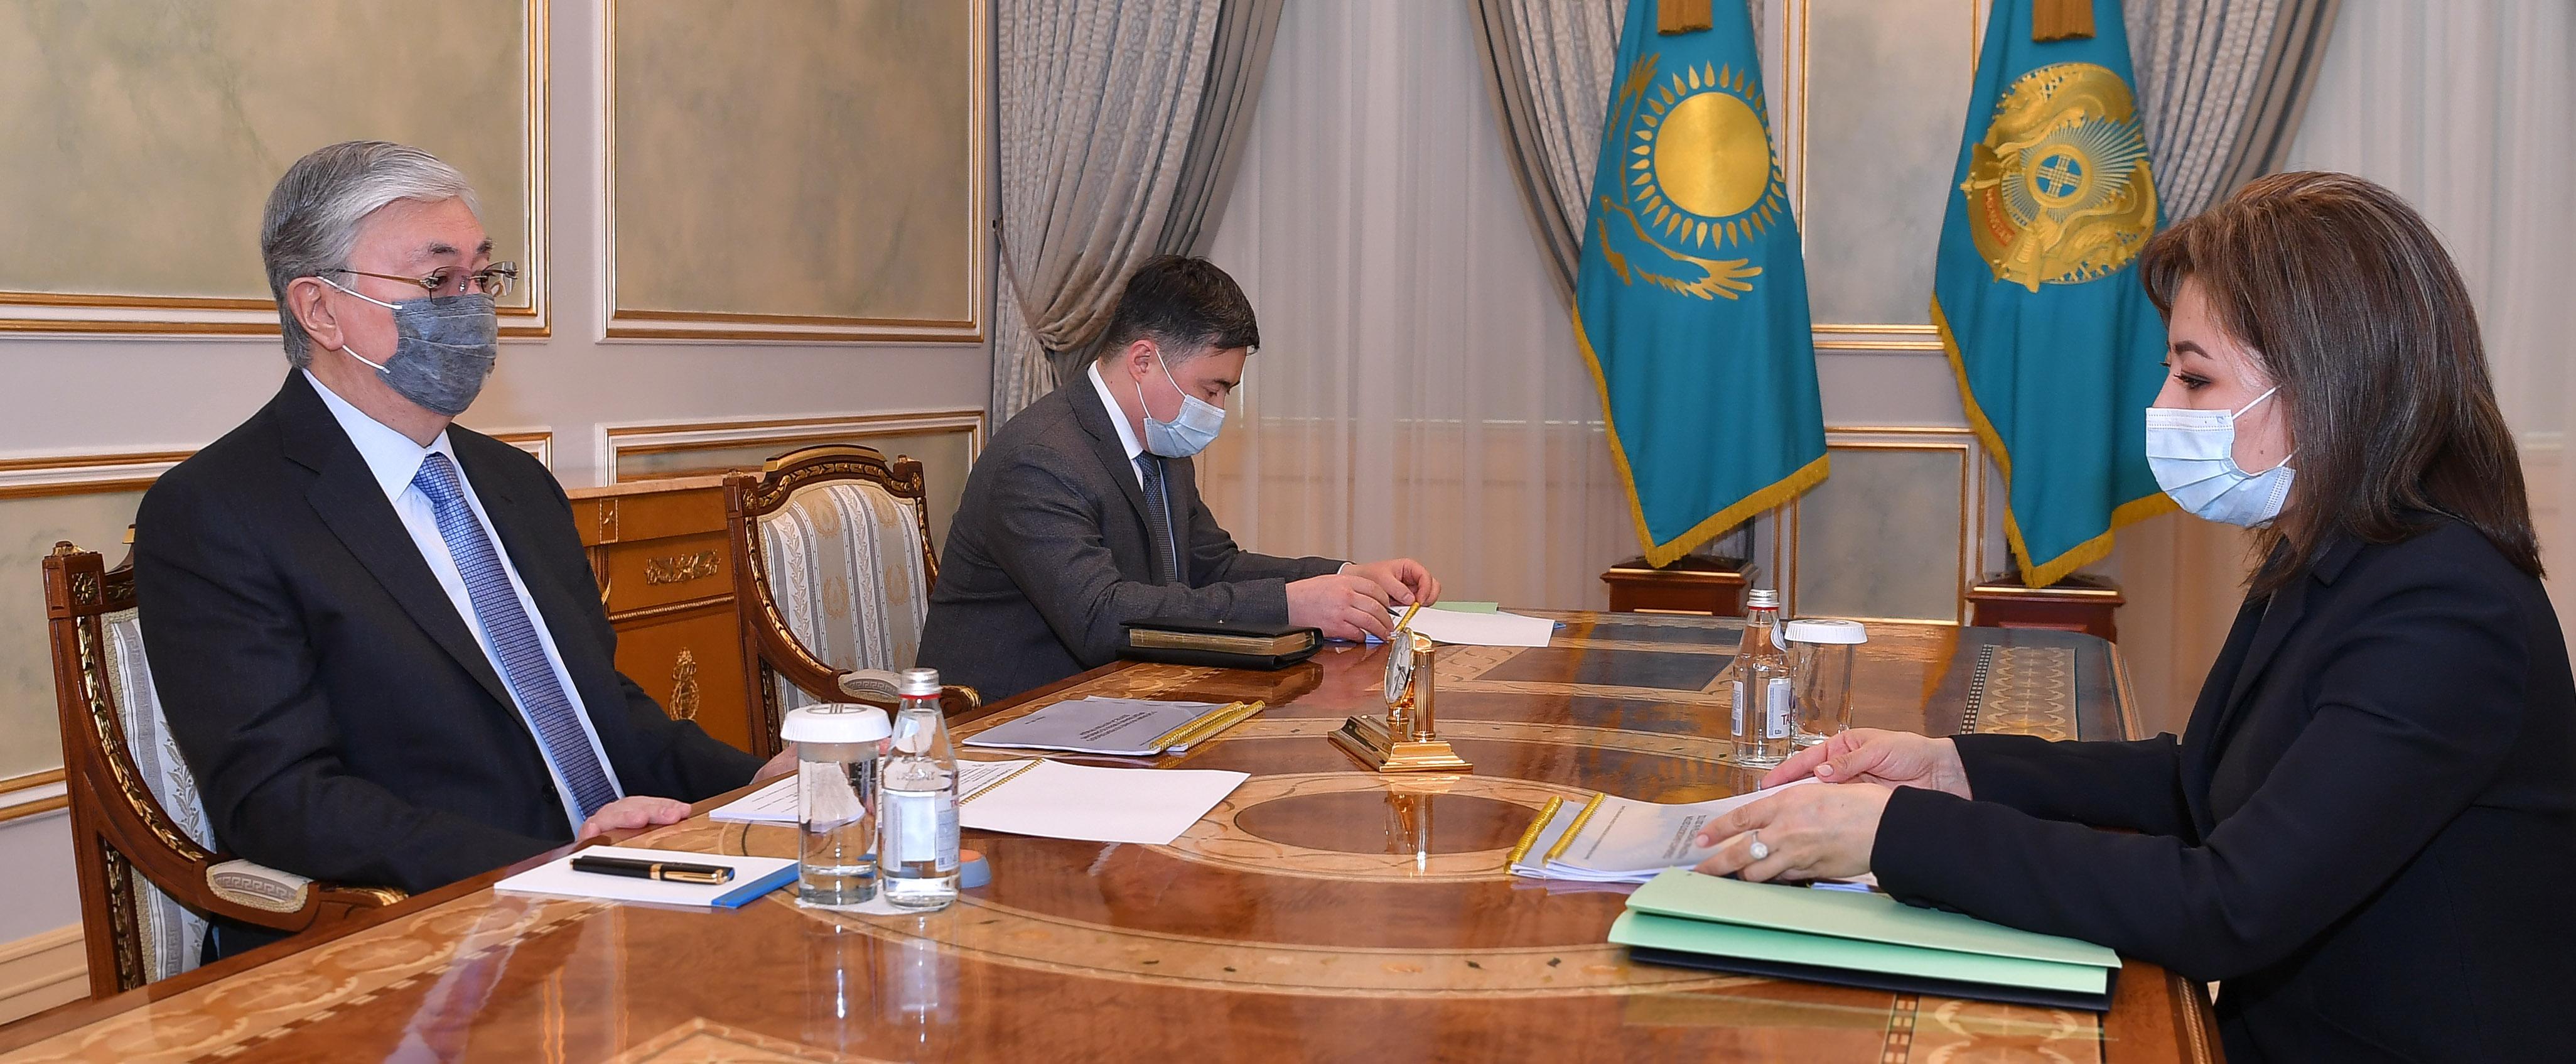 Мадина Абылкасымова доложила президенту об итогах развития финансового рынка Казахстана